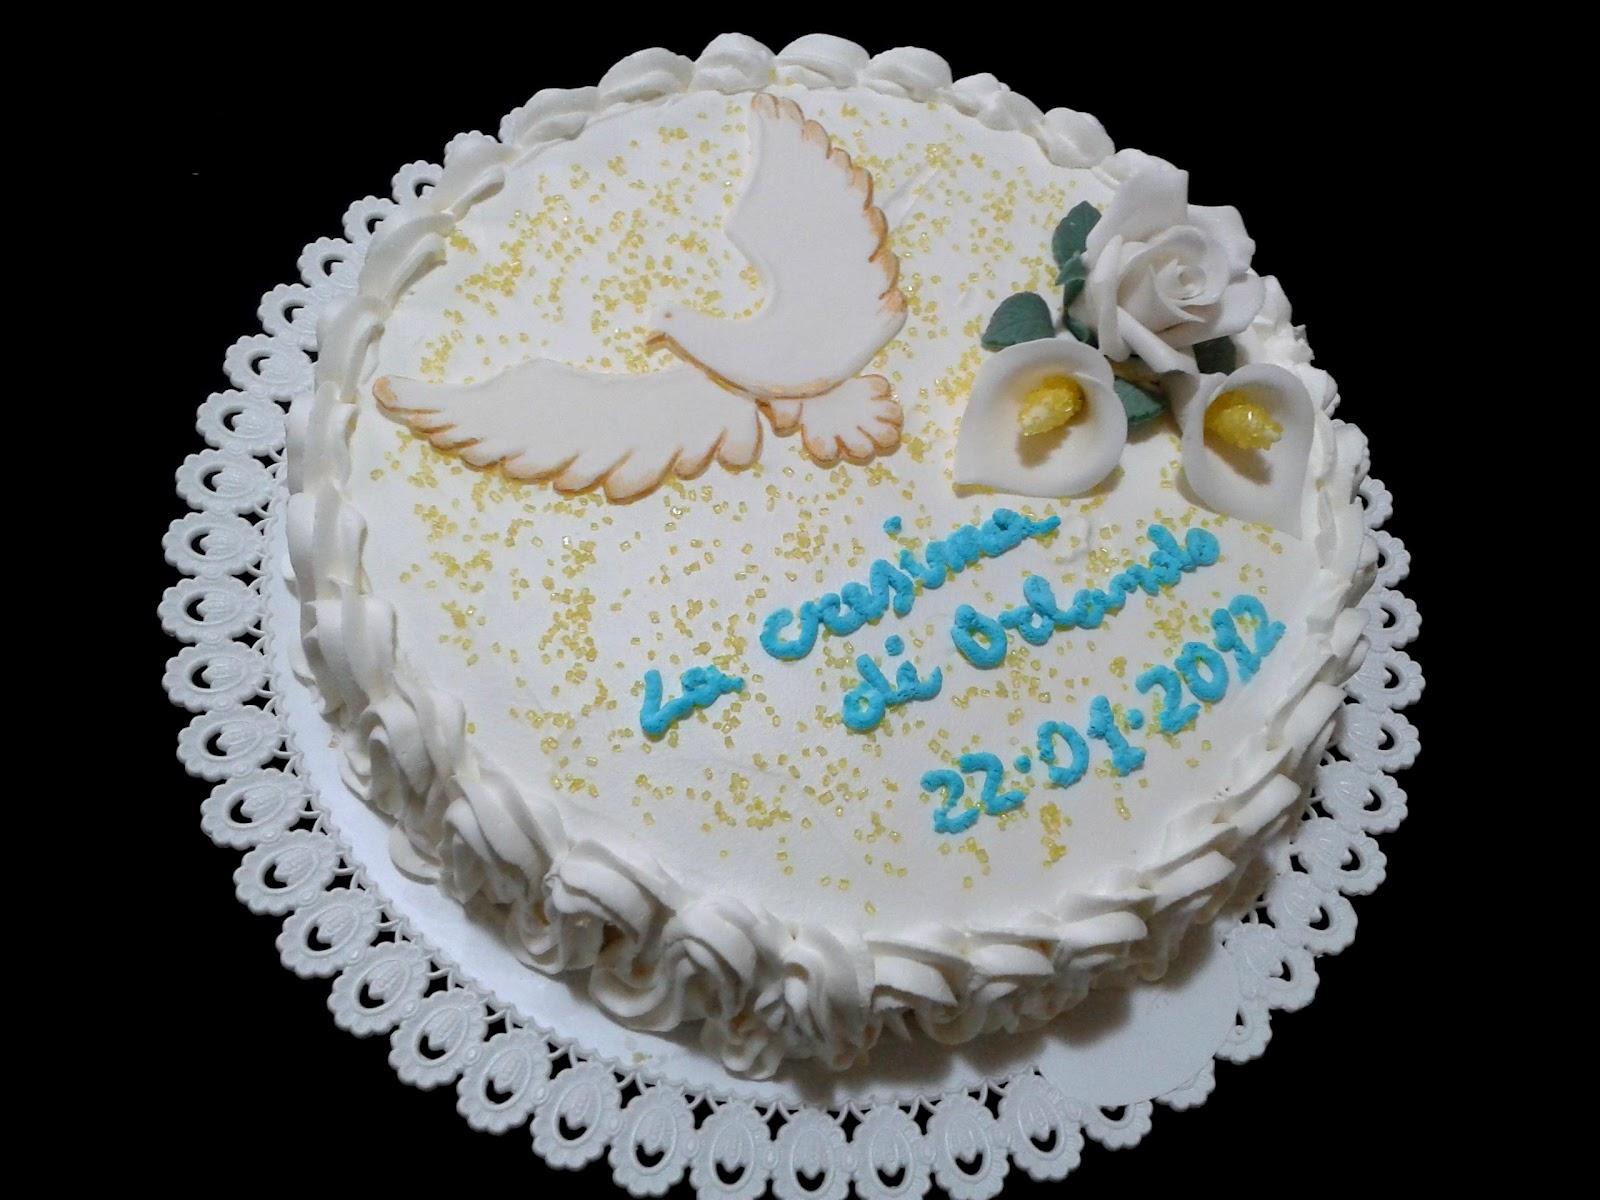 Alessandra e i suoi dolci torta cresima - Decorazioni per cresima ...